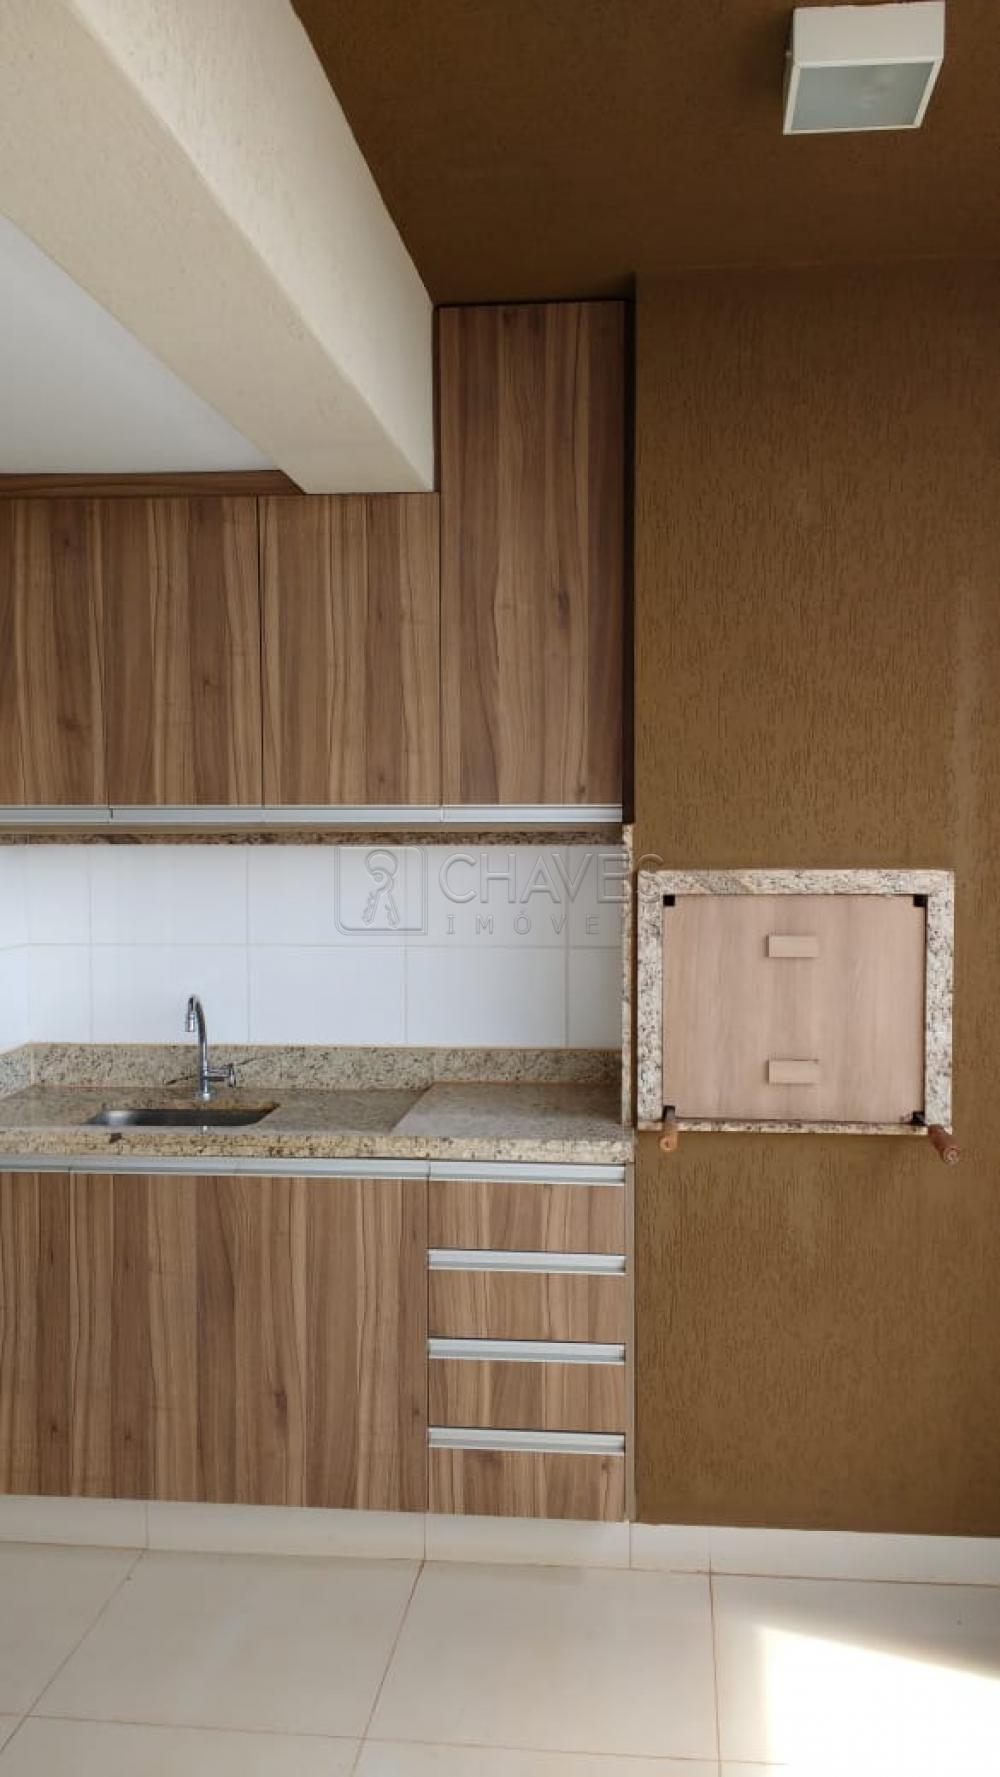 Alugar Apartamento / Padrão em Ribeirão Preto apenas R$ 2.300,00 - Foto 7